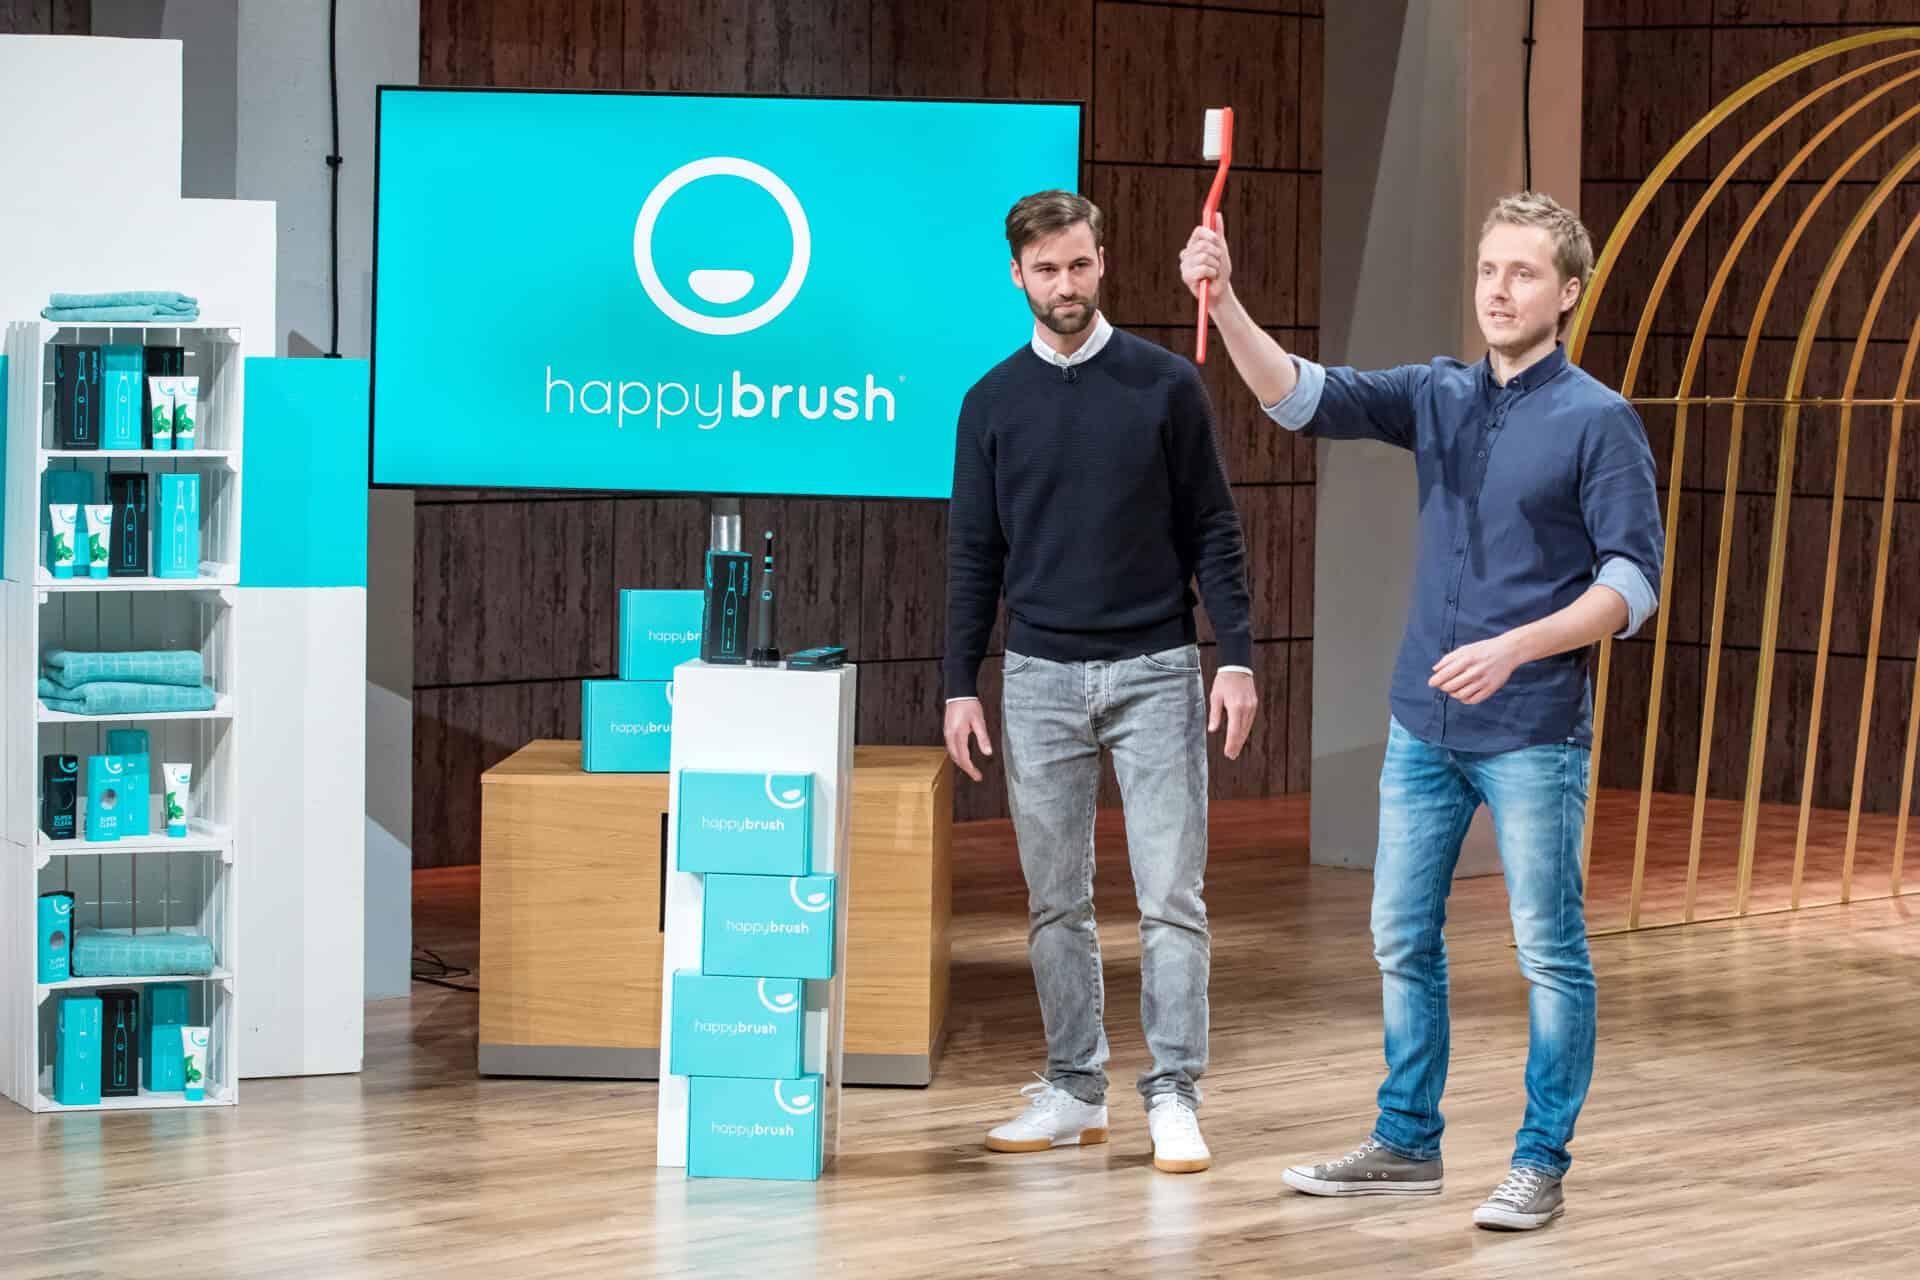 Happybrush gehört zu den bekanntesten Produkten der Sendung.